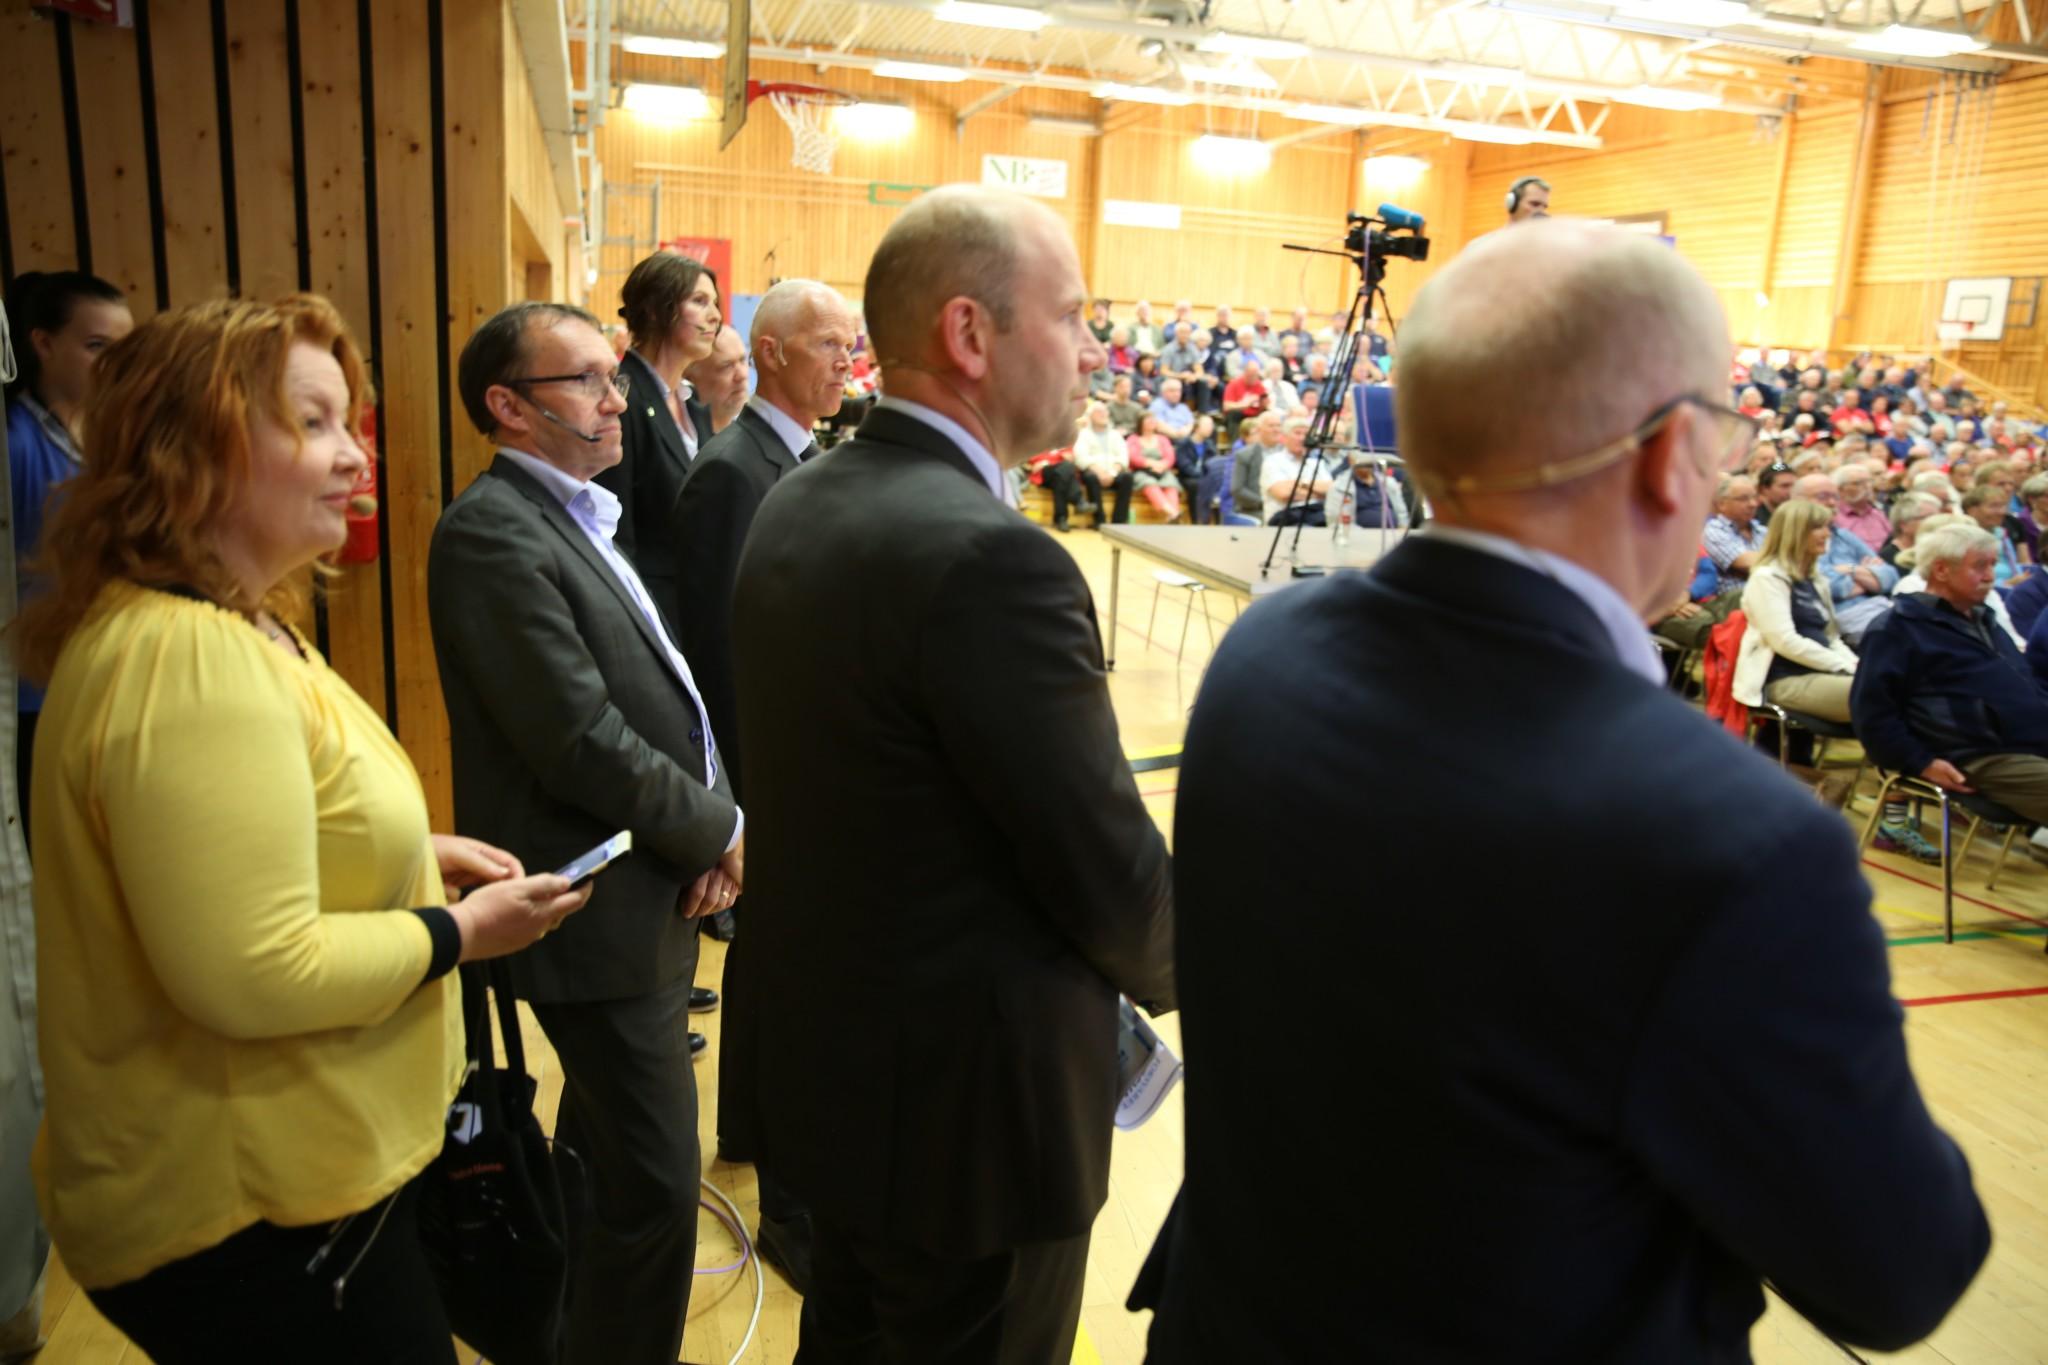 Harde fronter om Andøya-nedleggelse